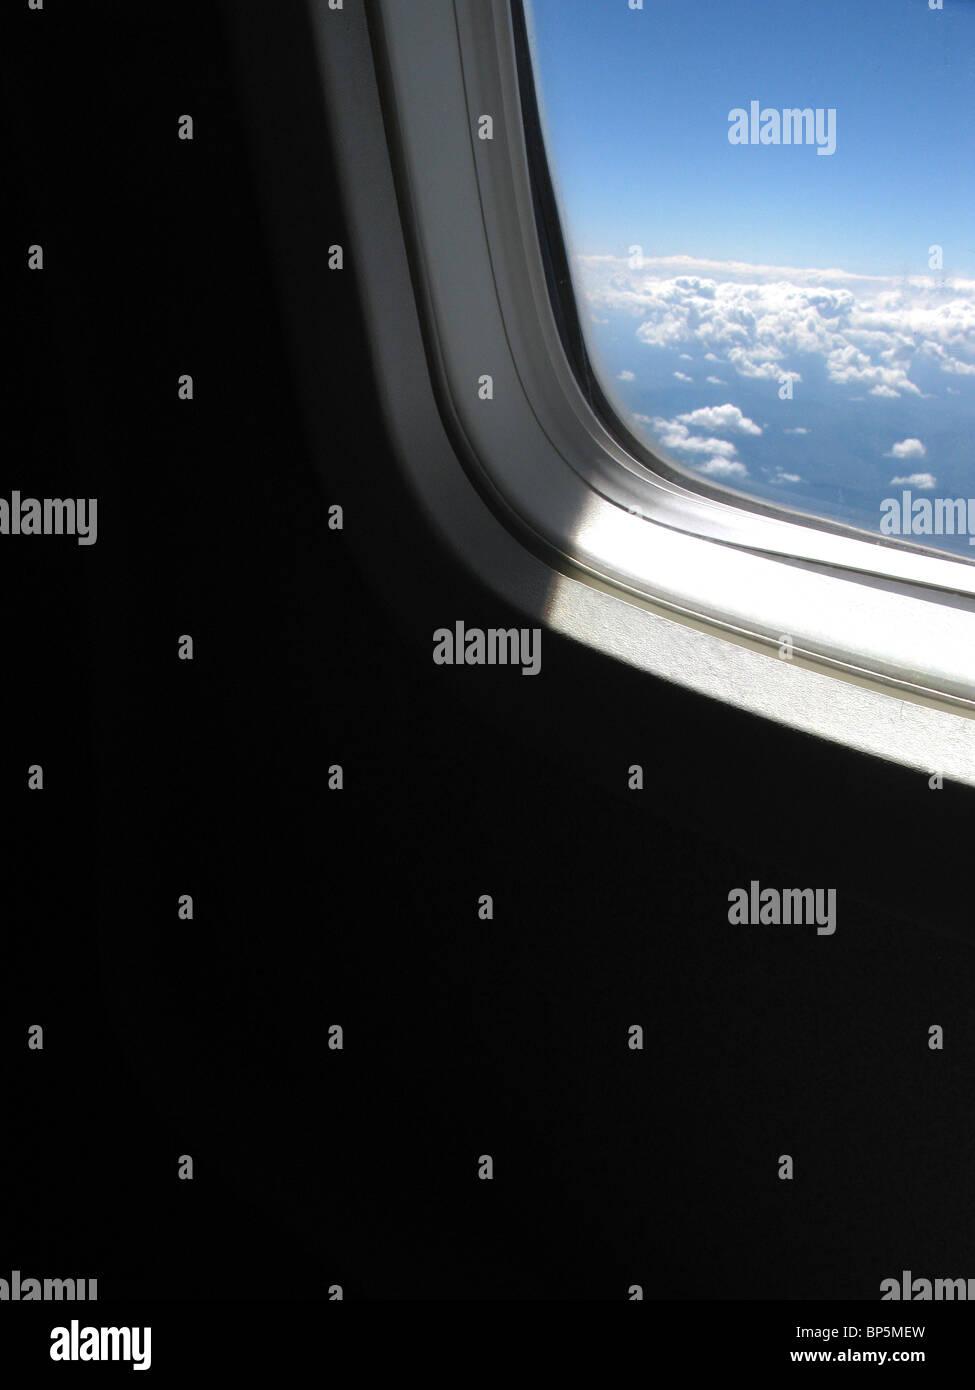 Vue d'un passager d'un avion à l'extérieur de la fenêtre avec la lumière du jour, Photo Stock